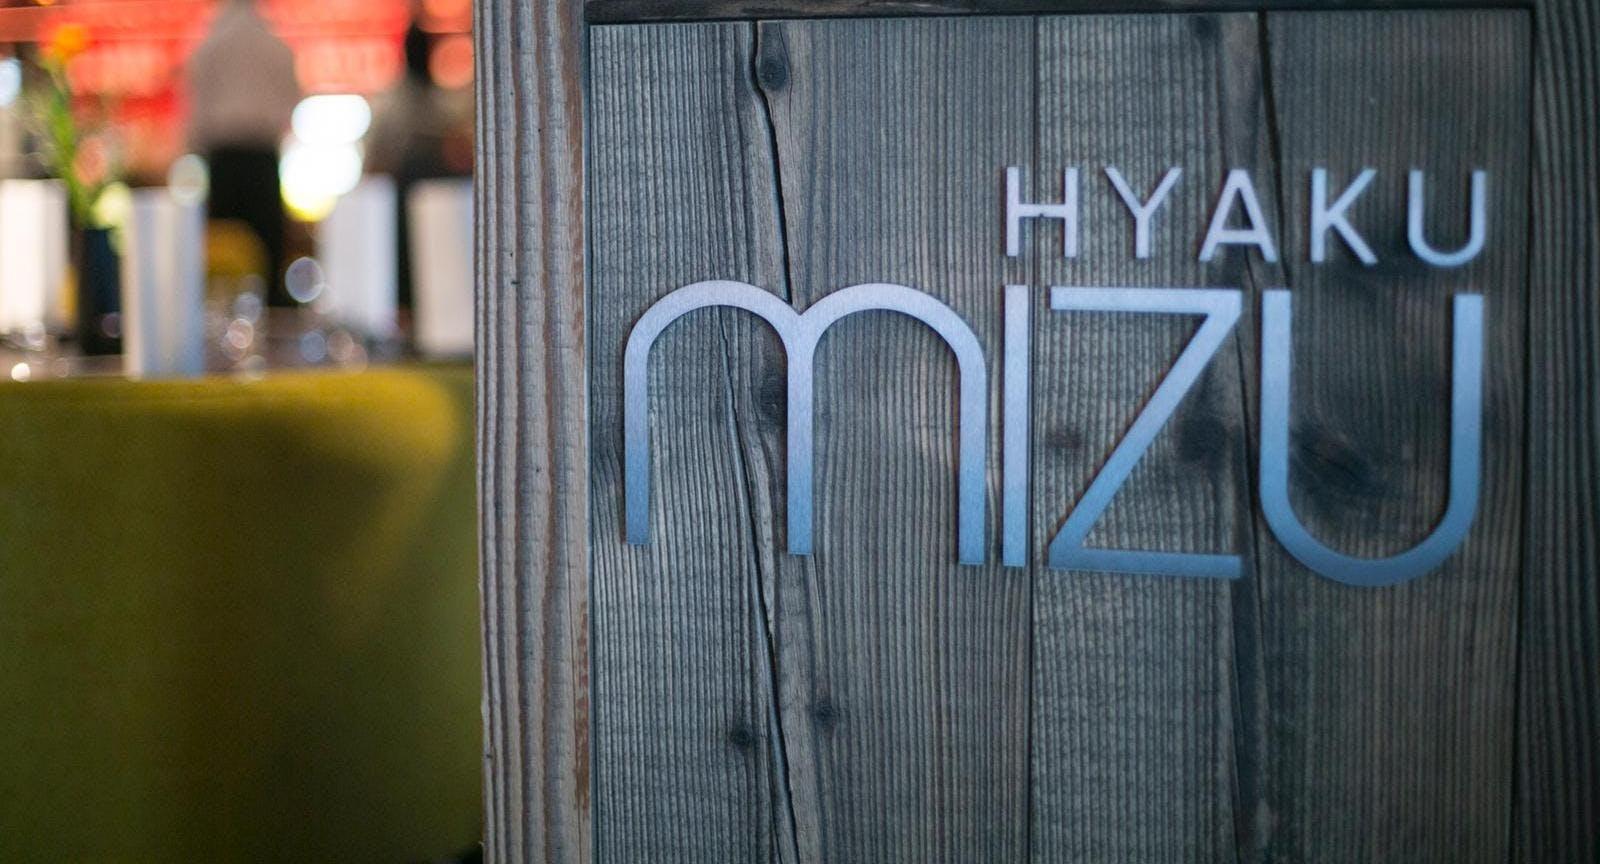 Hyaku Mizu - Asian Restaurant Magdeburg image 2